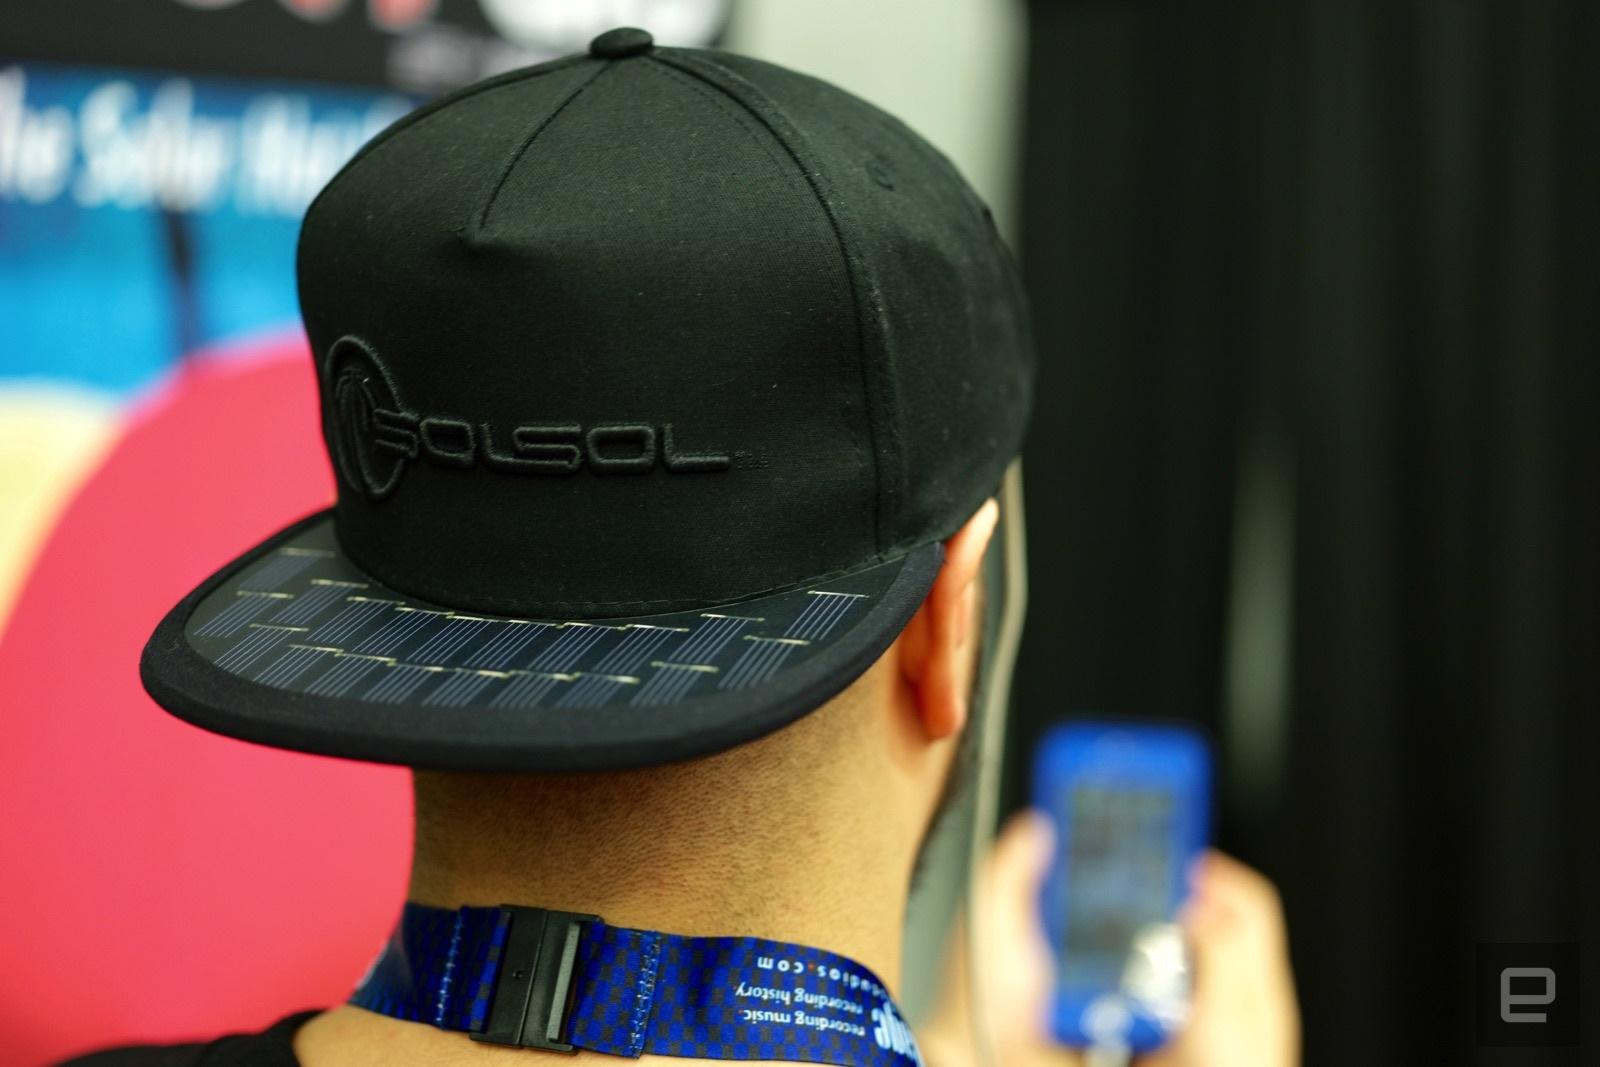 شارژر موبایل و لپتاپ روی سر شما/ عکس